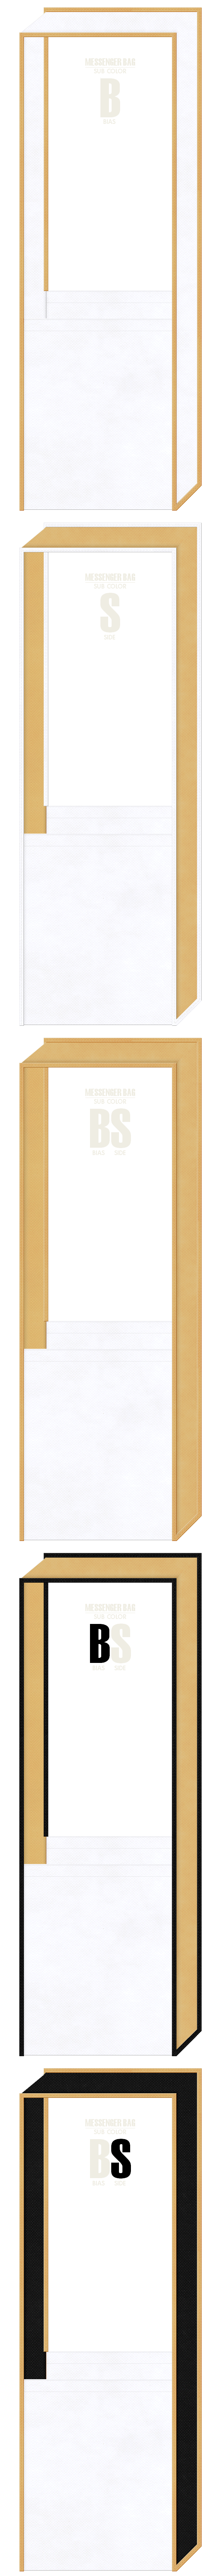 白色・薄黄土色・黒色の3色を使用した、不織布メッセンジャーバッグのデザイン